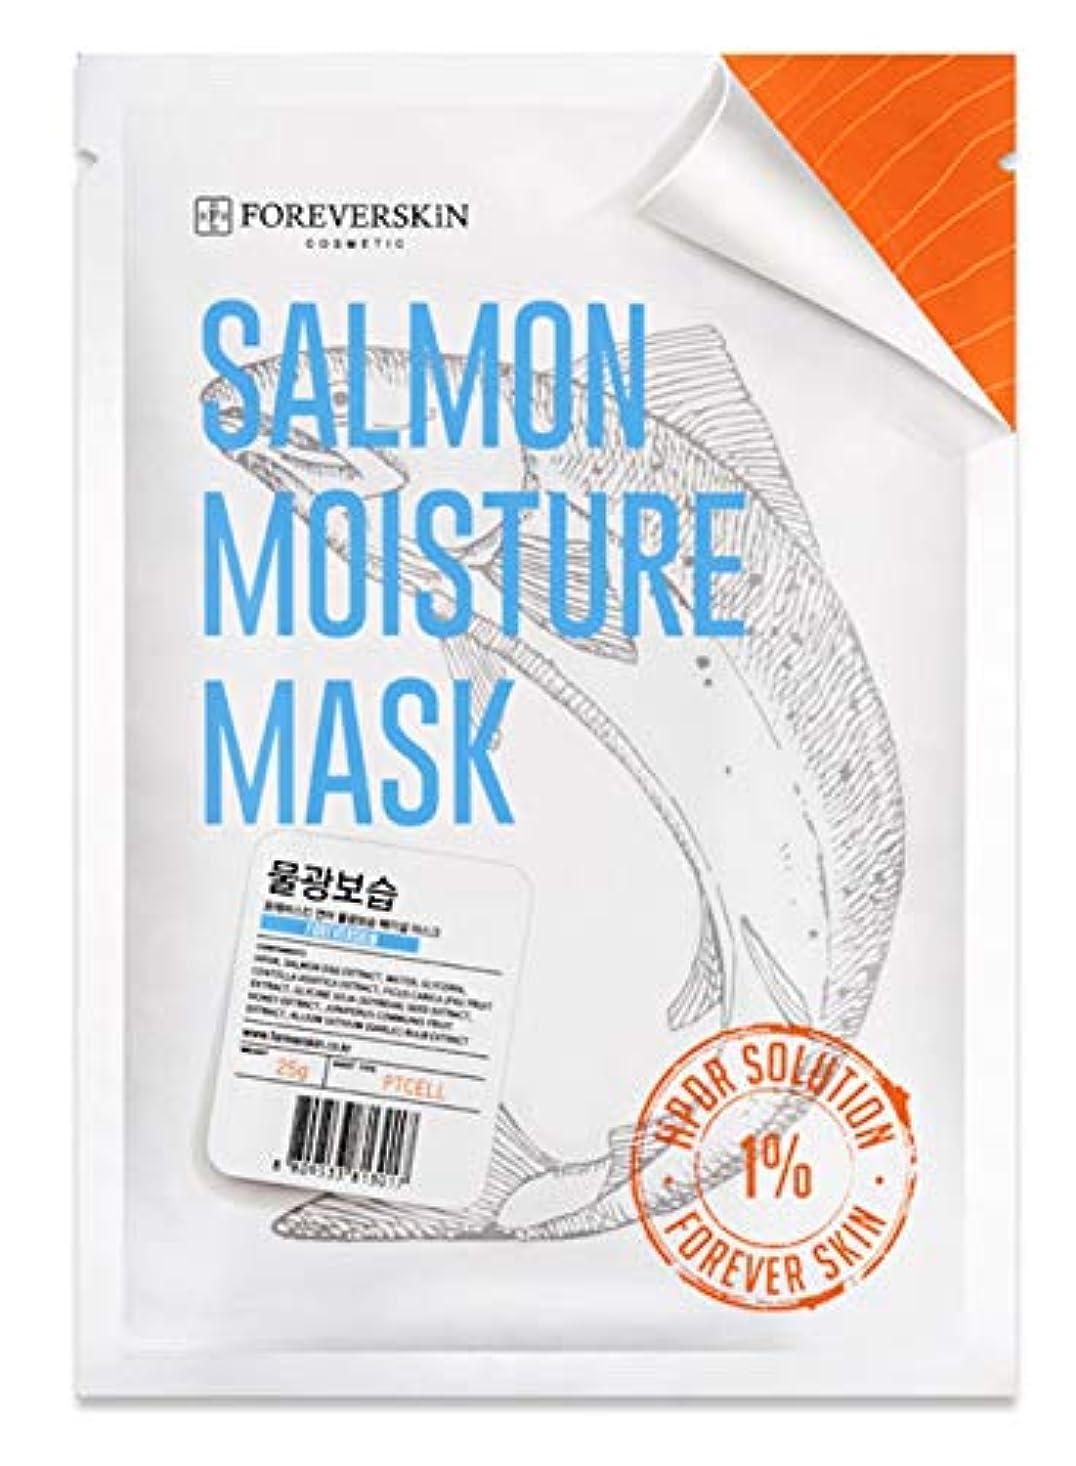 電話する海洋おもしろいFOREVERSKIN サーモンマスクパック 韓国 シートマスク 高品質な 韓国コスメ 韓国パック リジュランの入った フェイスマスク フェイスパック (水光保湿(10枚))